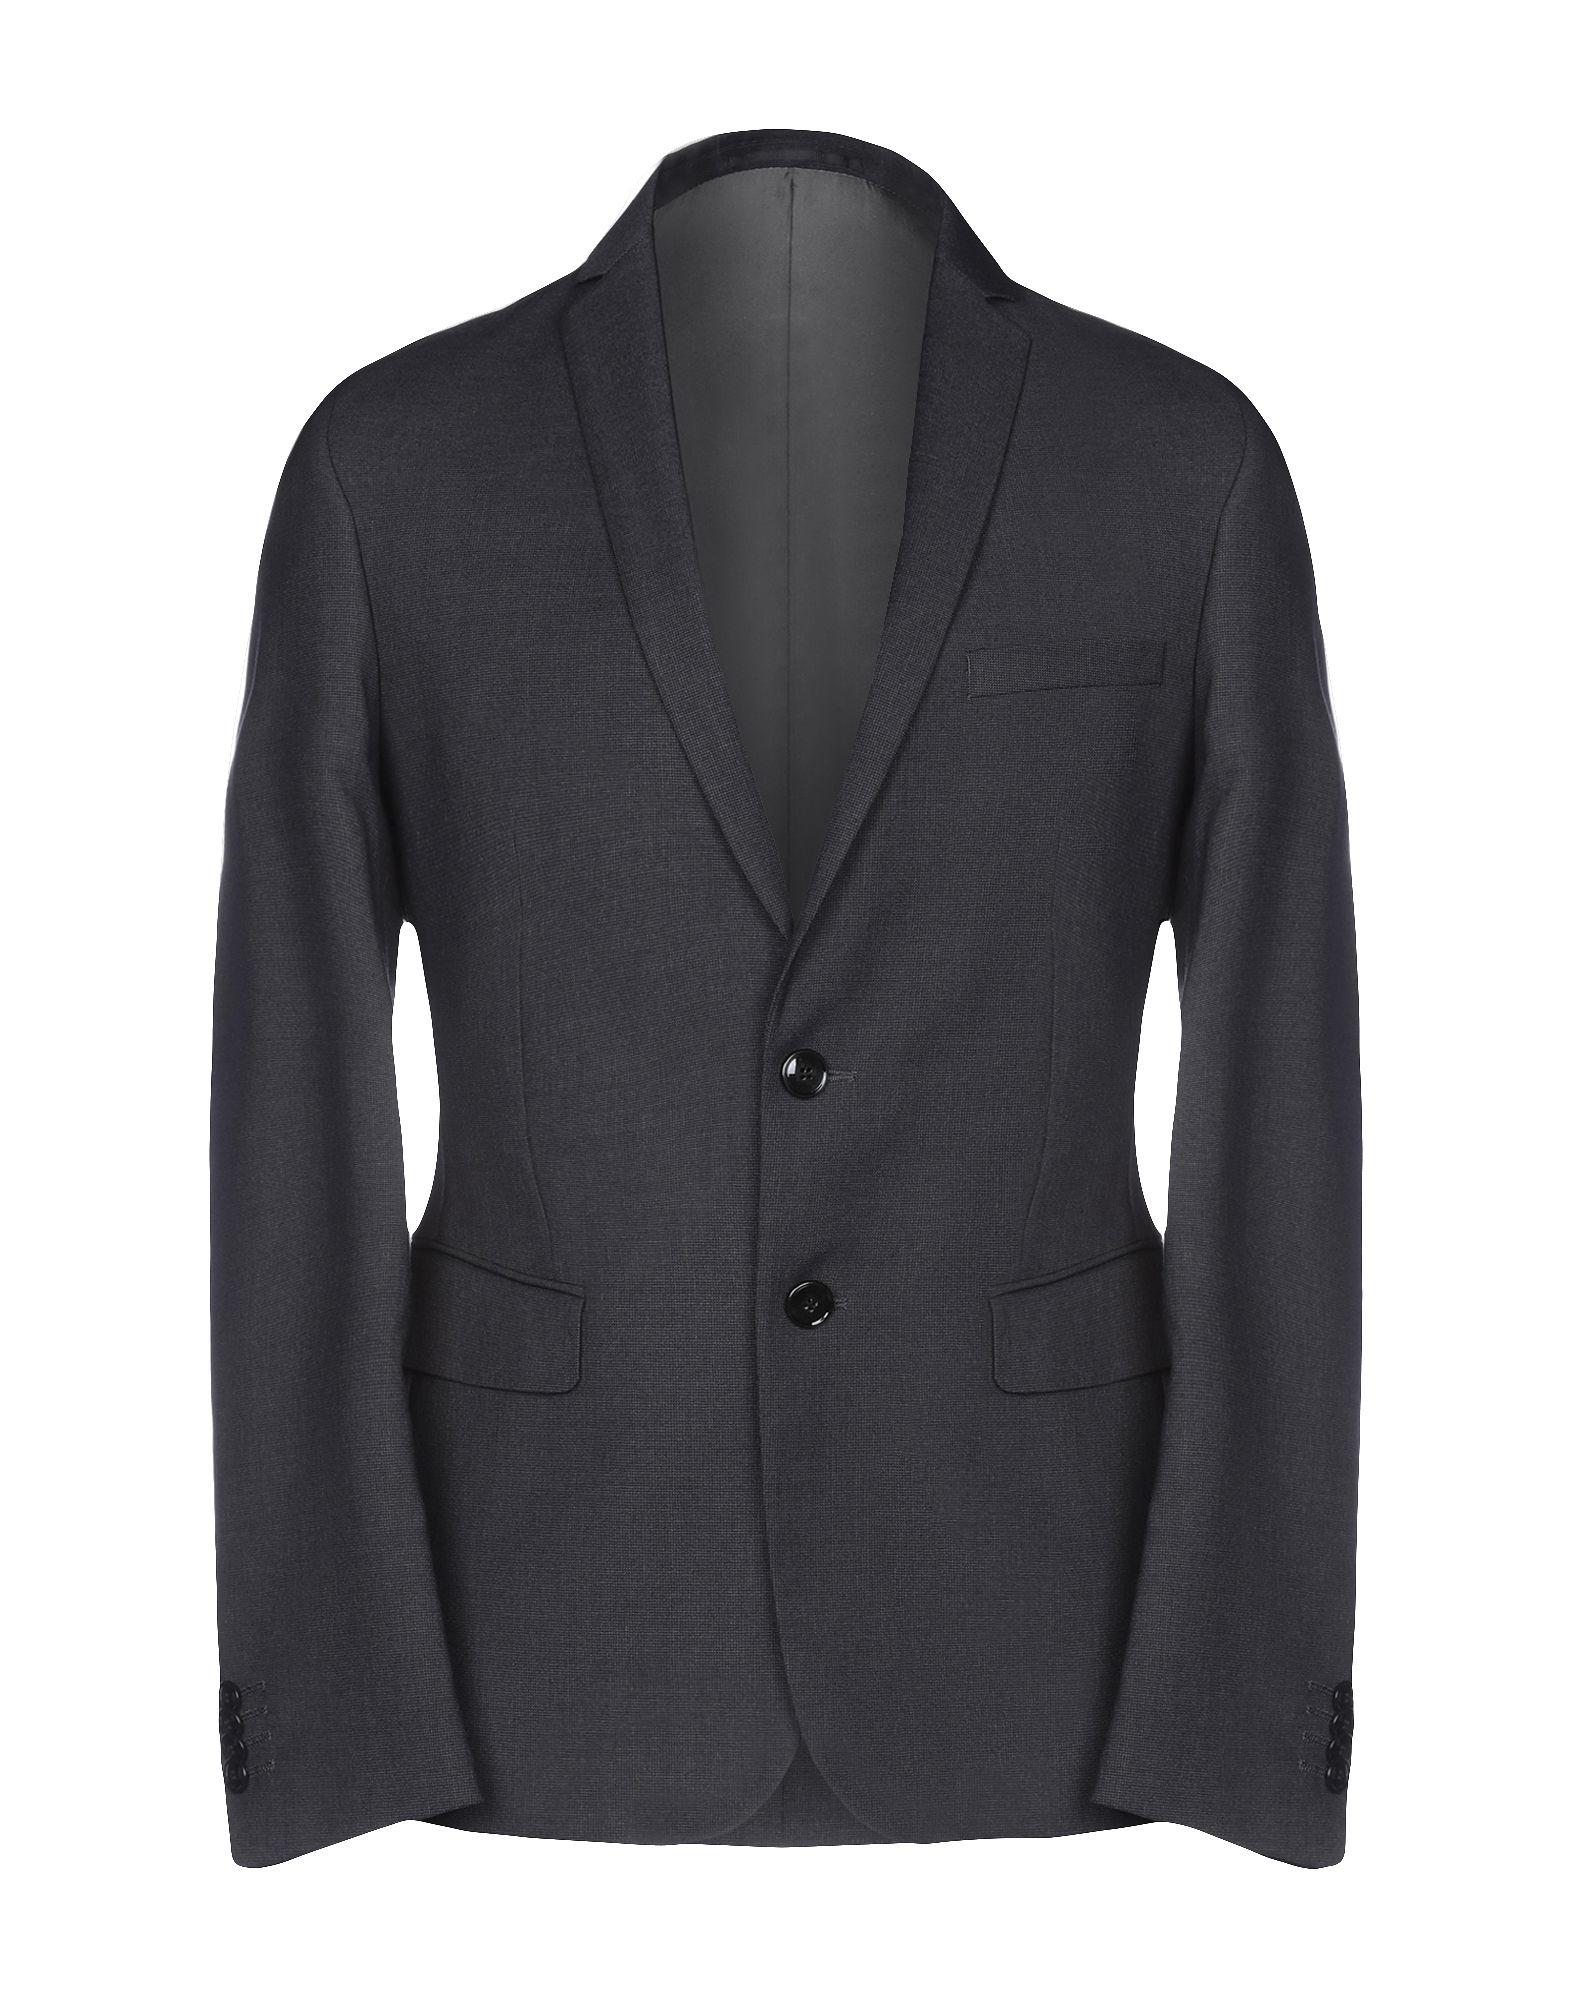 《期間限定セール中》DAVID NAMAN メンズ テーラードジャケット スチールグレー 46 ポリエステル 70% / レーヨン 28% / ポリウレタン 2%